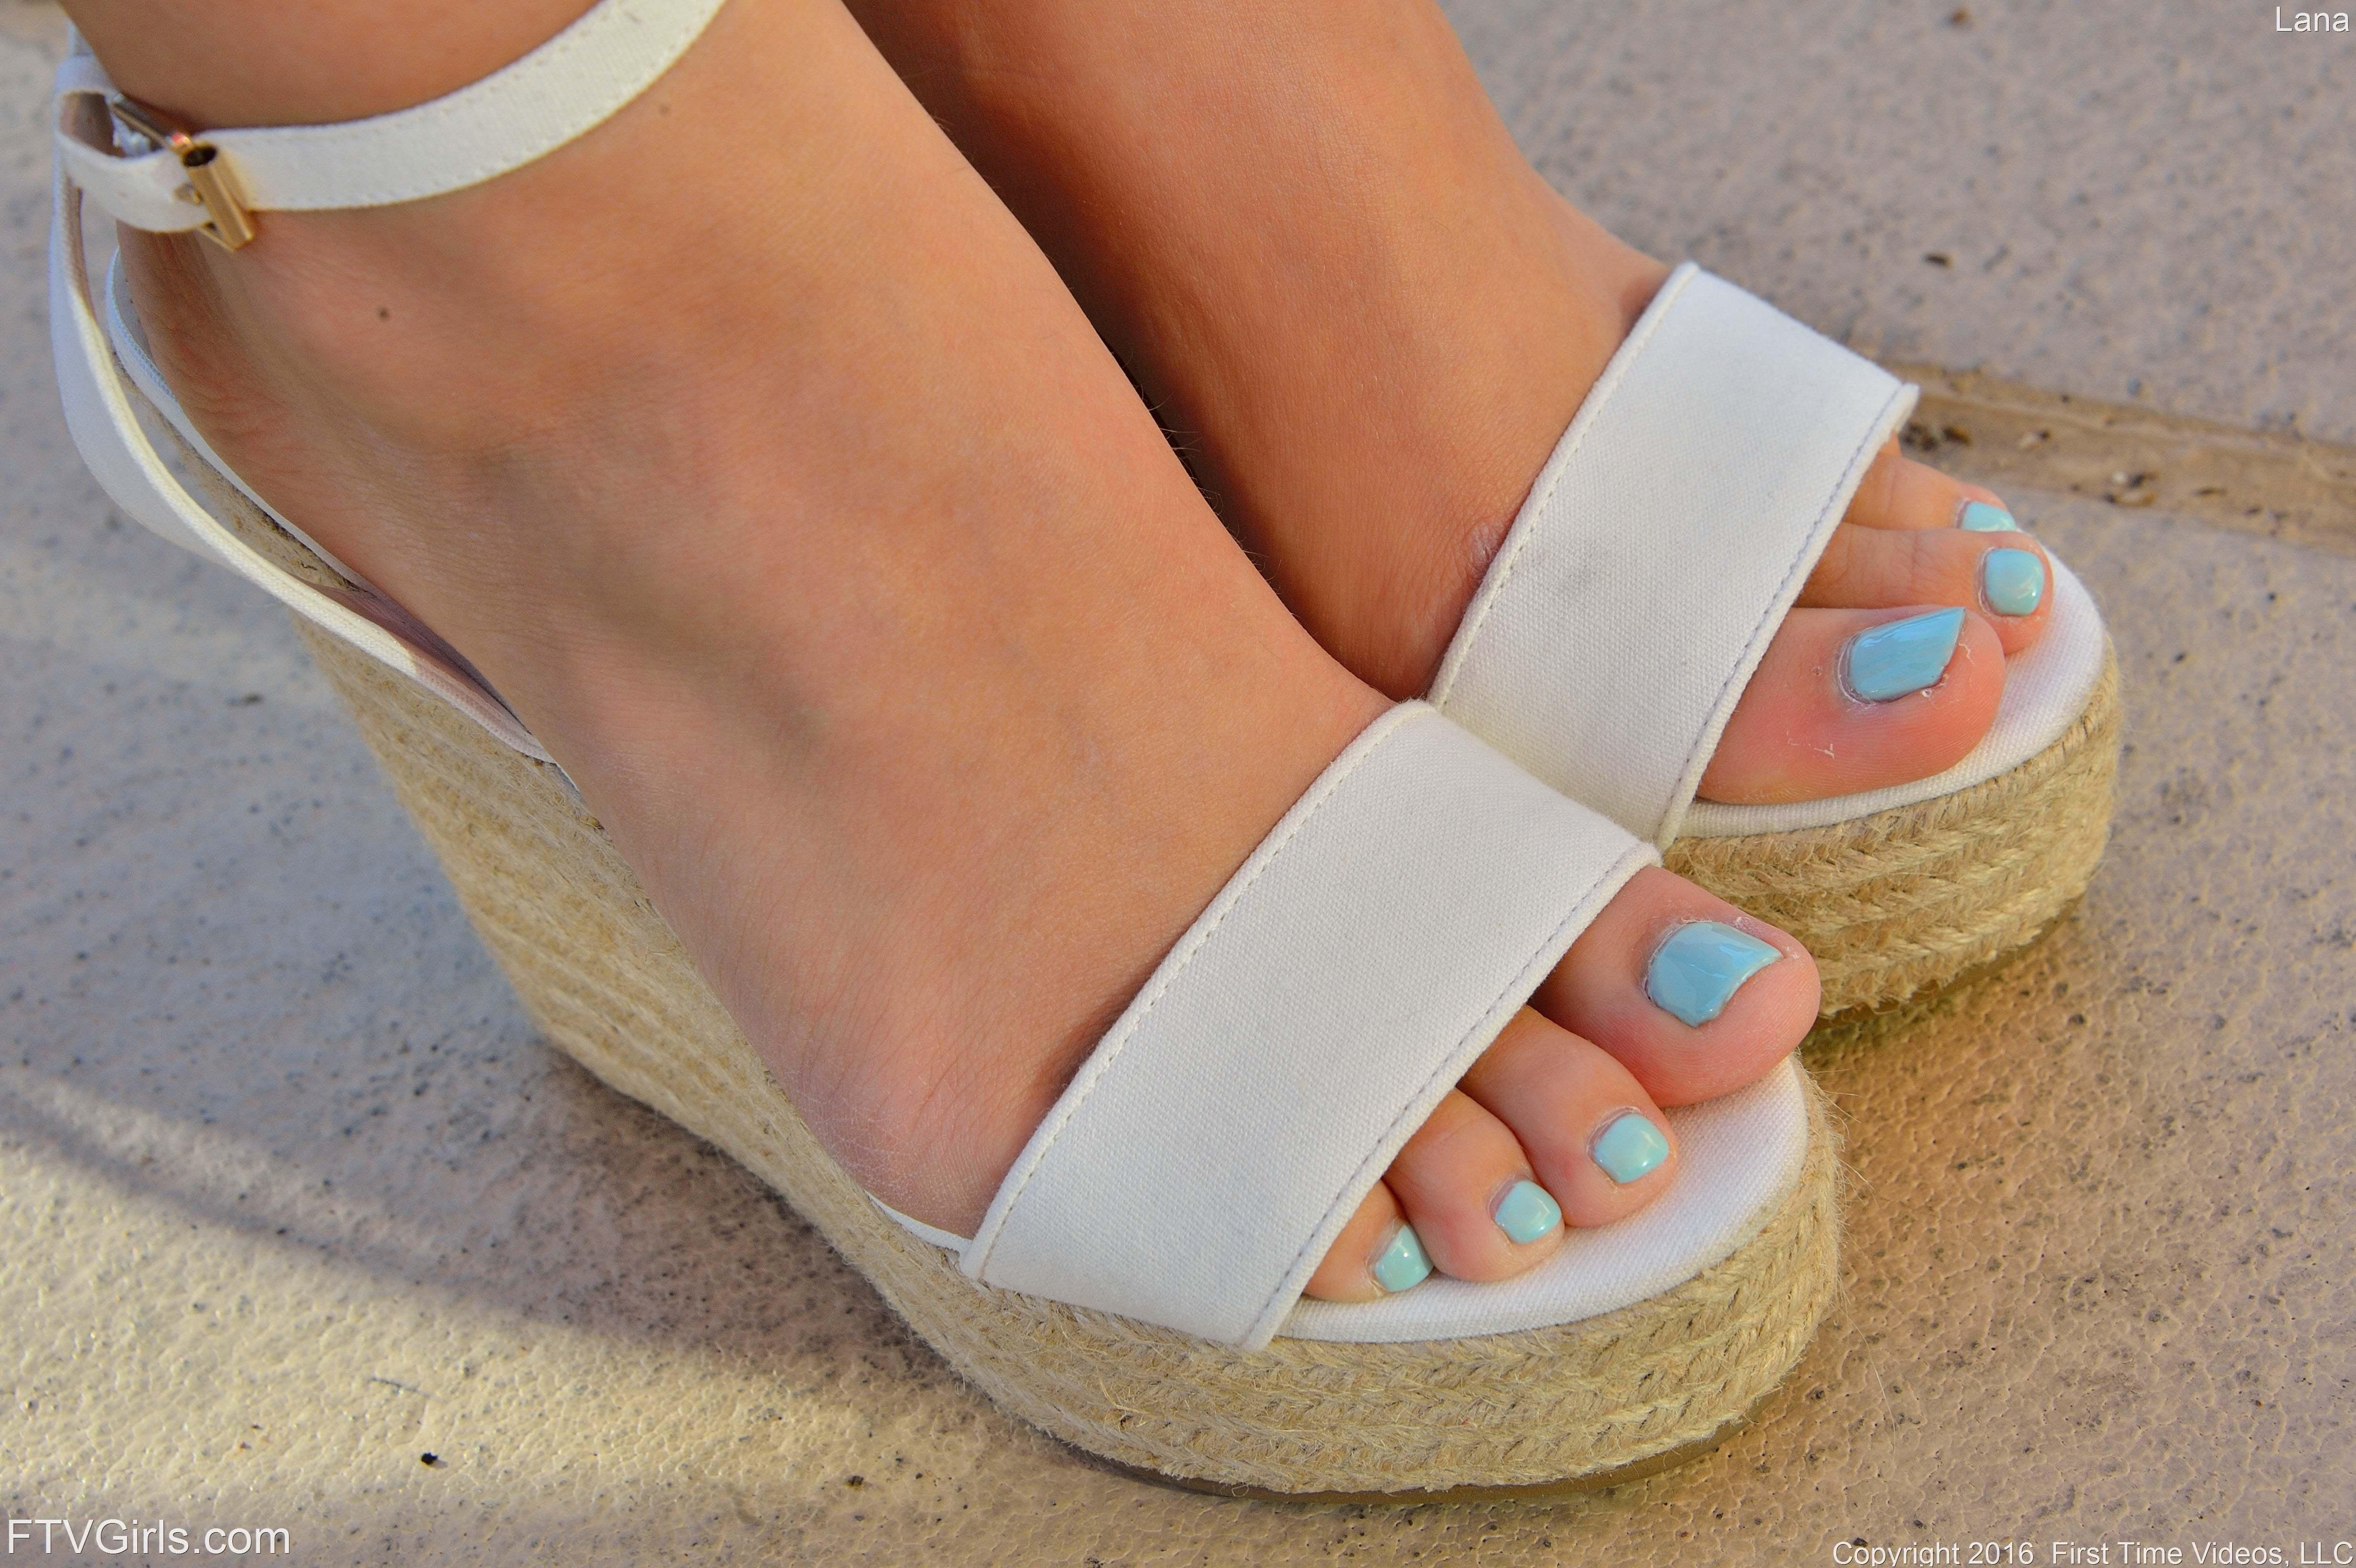 lana rhoades feet